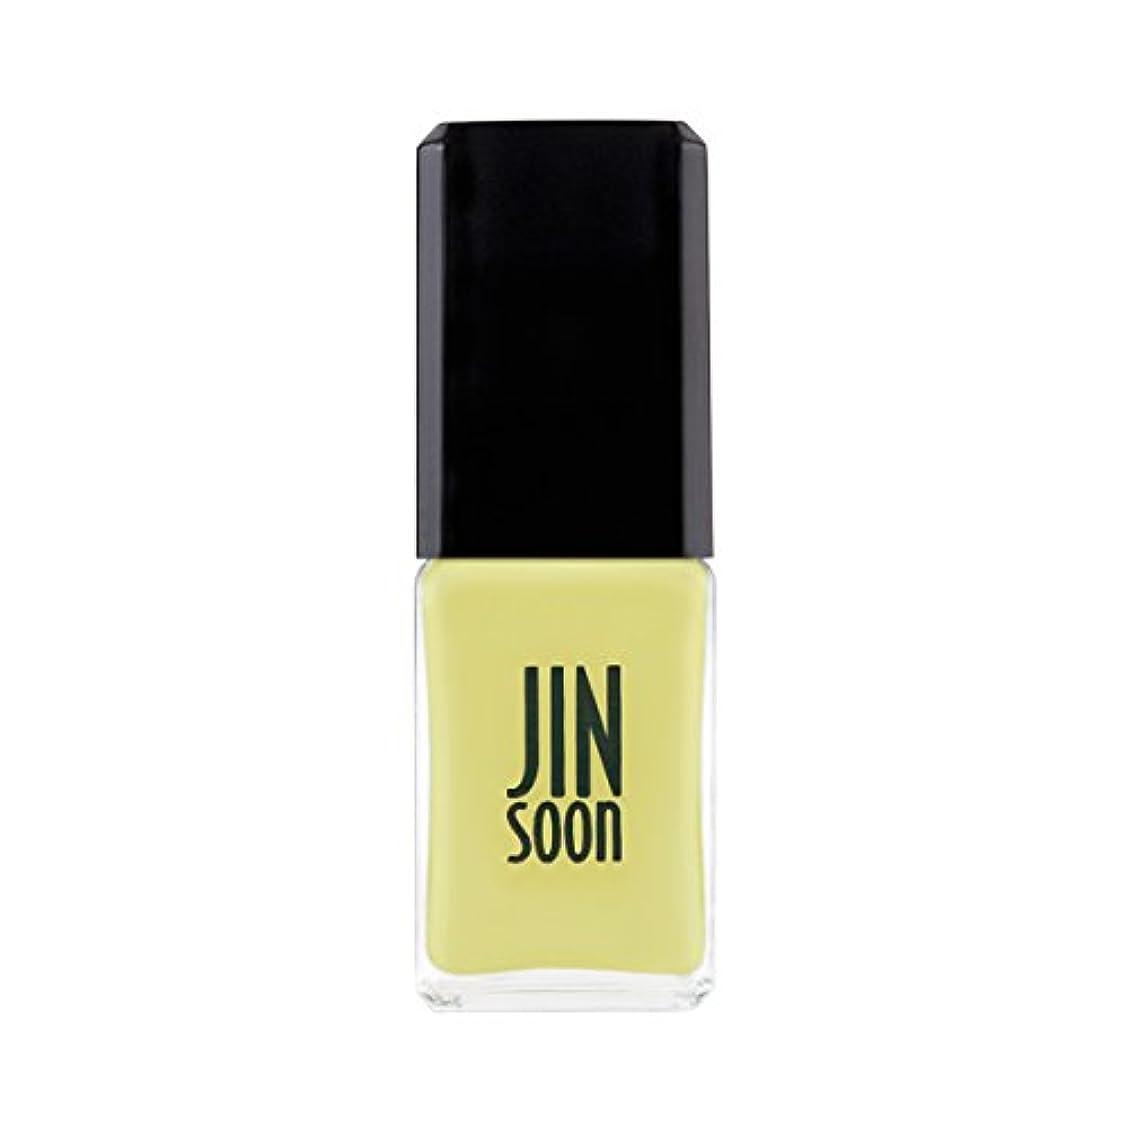 そしてスパイラル理想的[ジンスーン] [ jinsoon] シャルム Charme ジンスーンネイルポリッシュ 爪に優しい成分 11mL